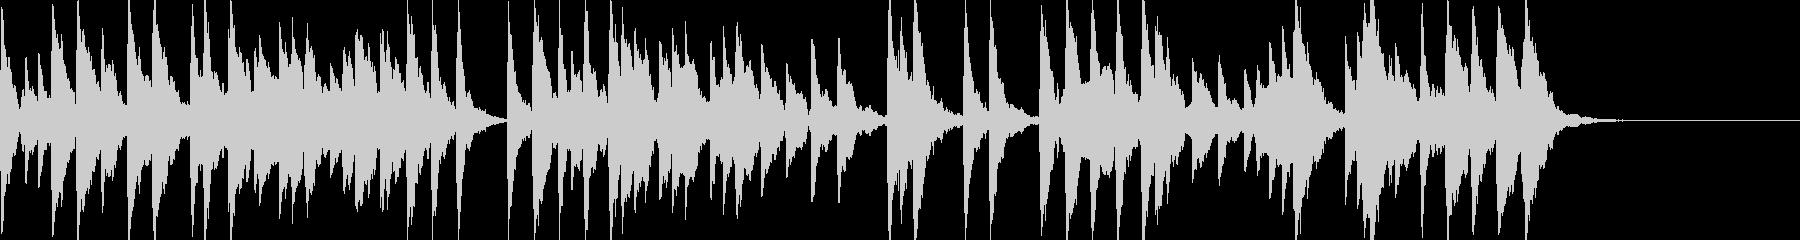 「スカボローフェア」オルゴールbpm96の未再生の波形